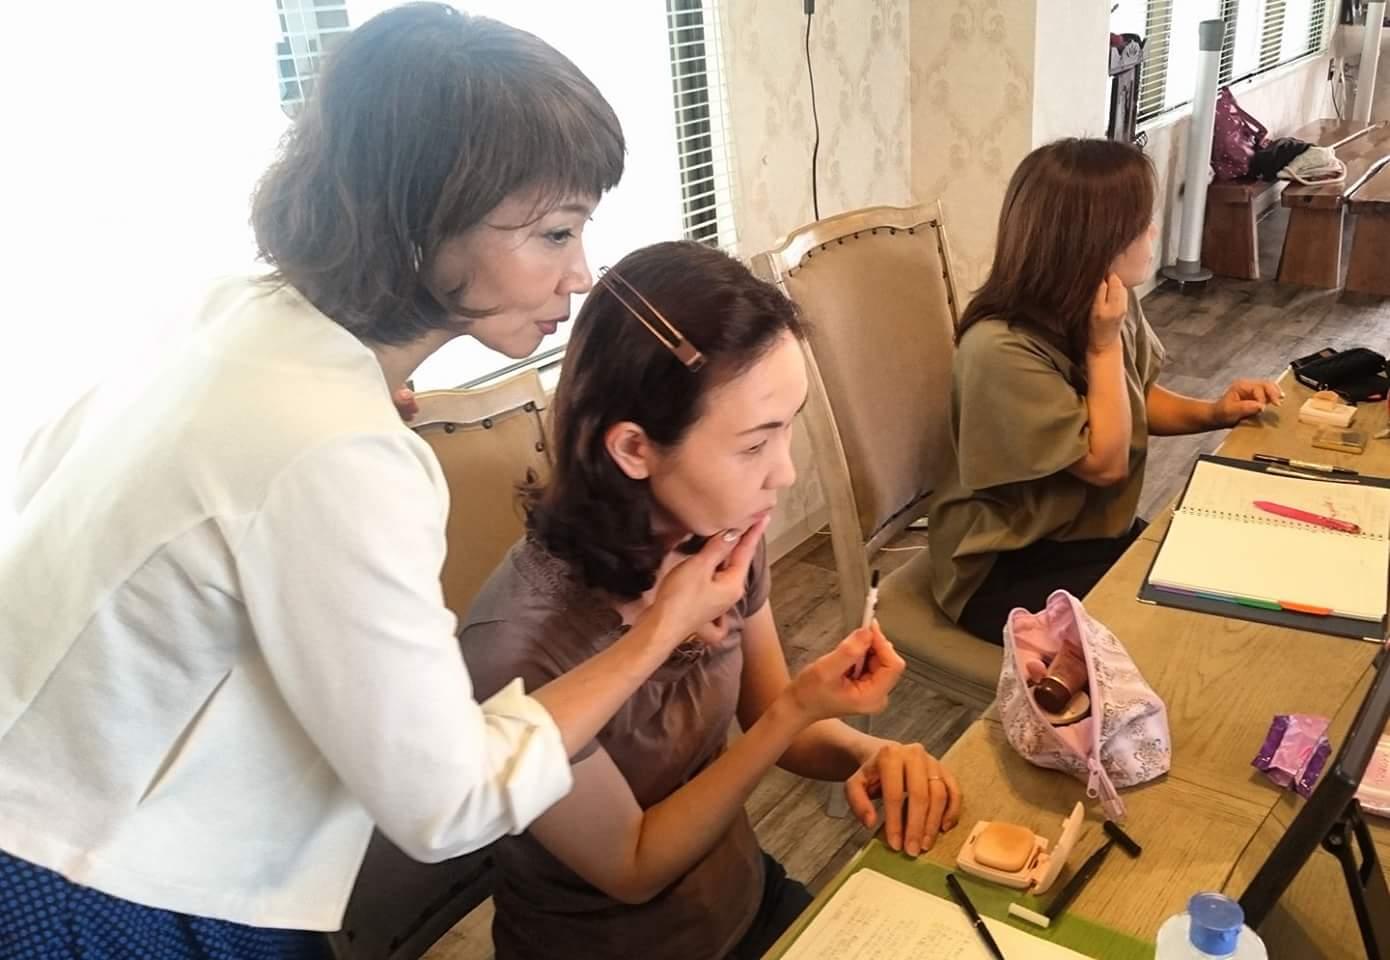 沖縄のメイクアップスクール&メイクサロン ディスカバーメイク